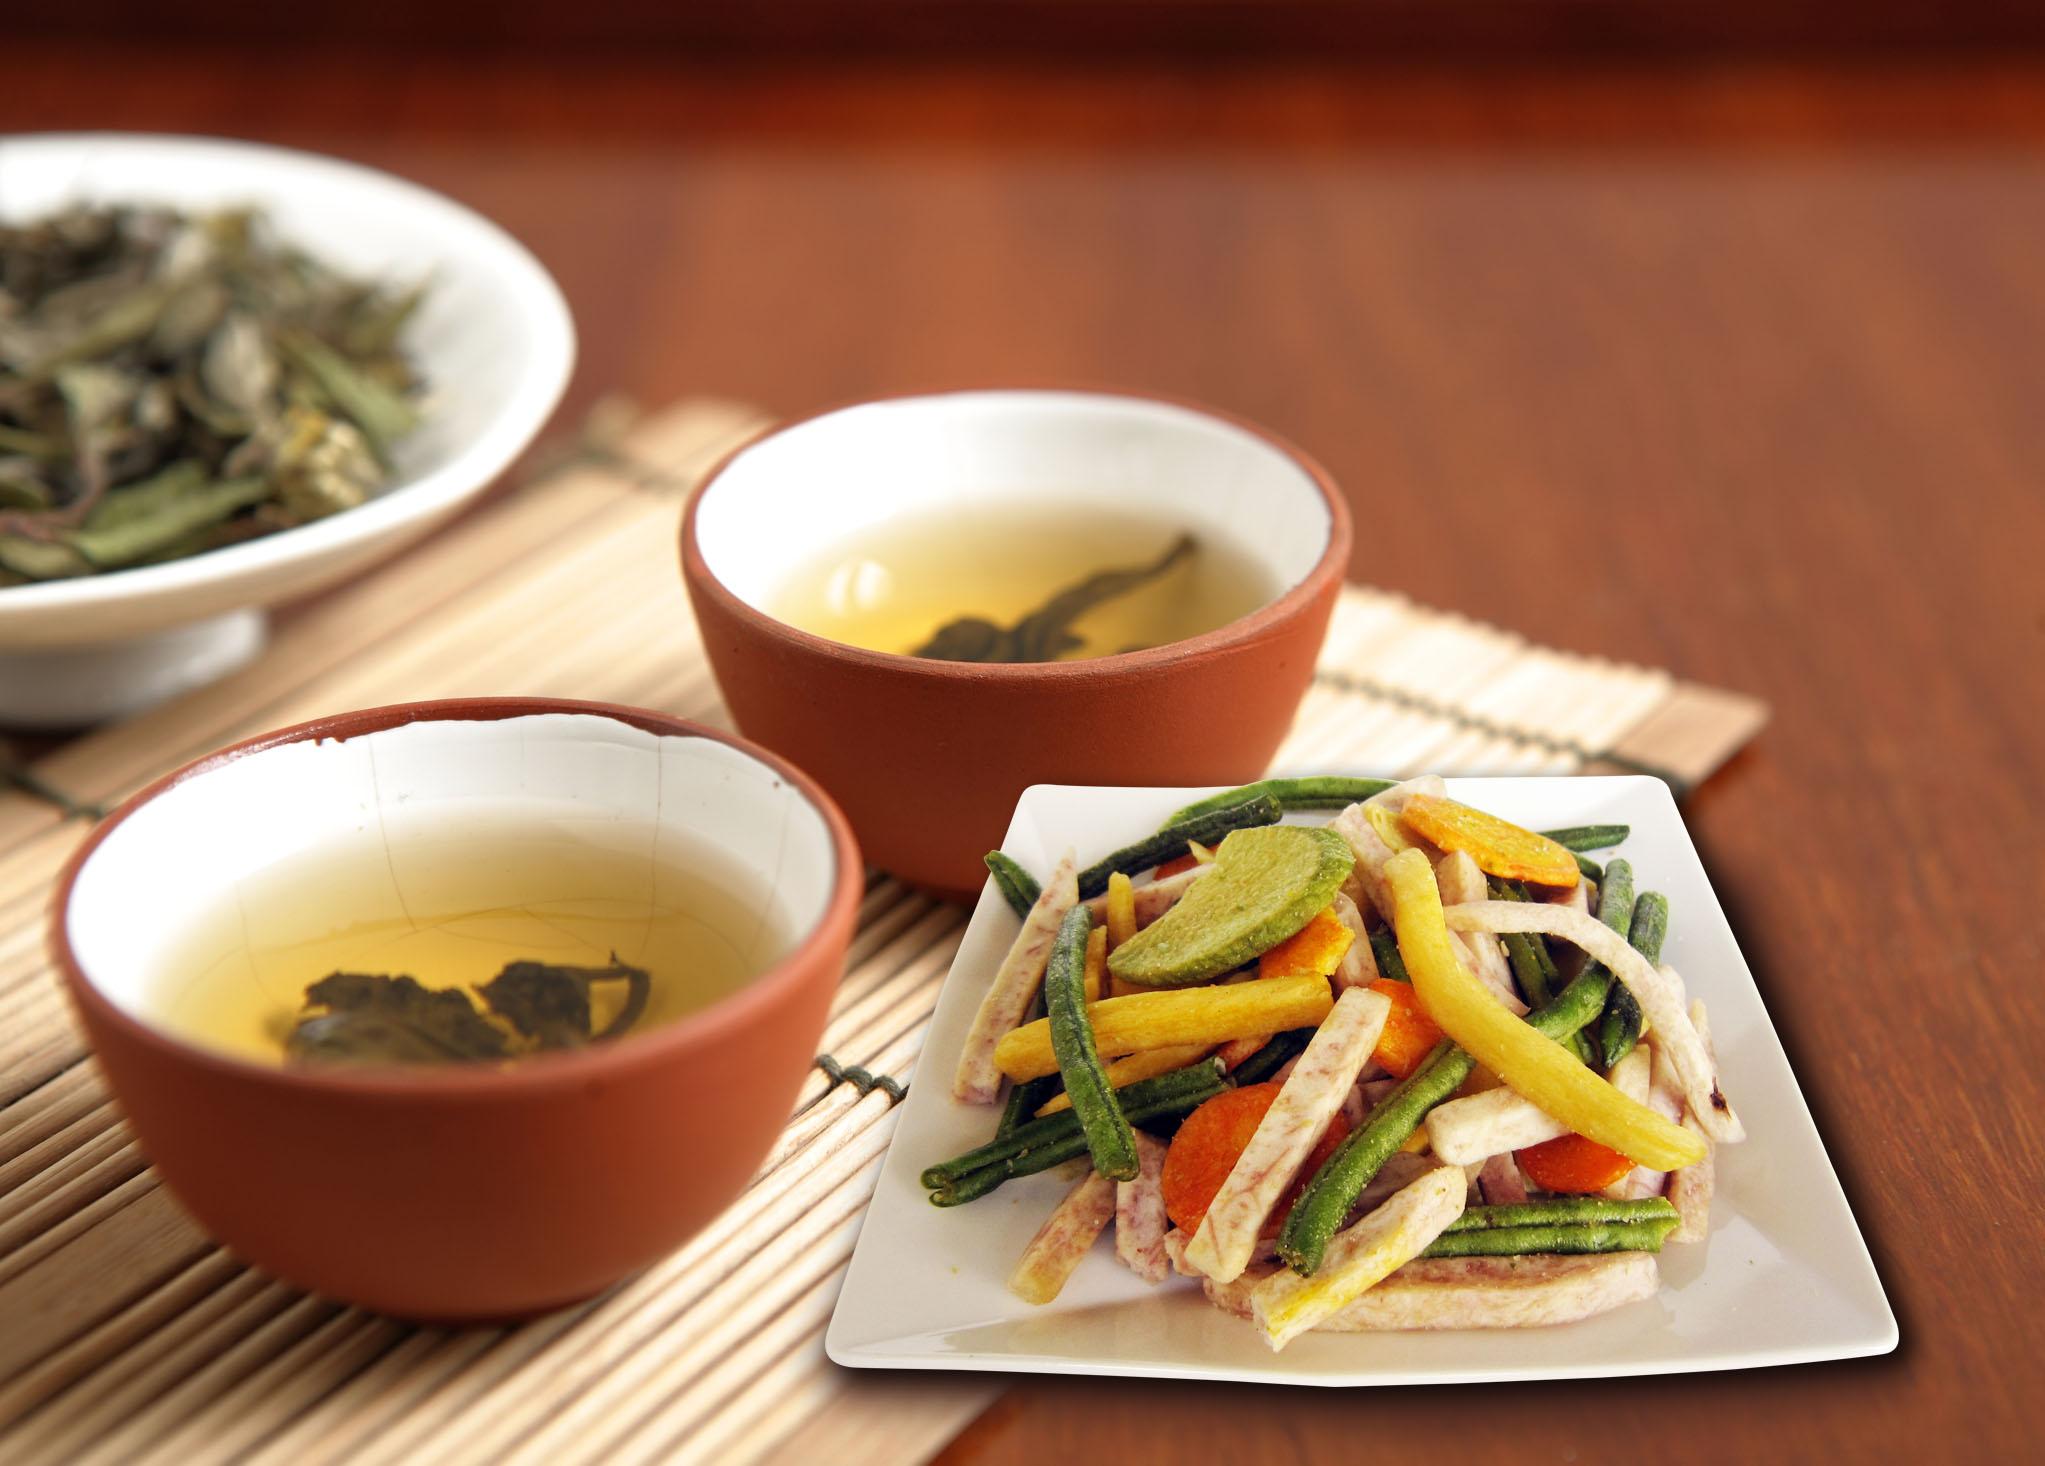 綜合蔬棌乾【全素】健康天然的蔬果乾,休閒、嘴饞時的好選擇~~